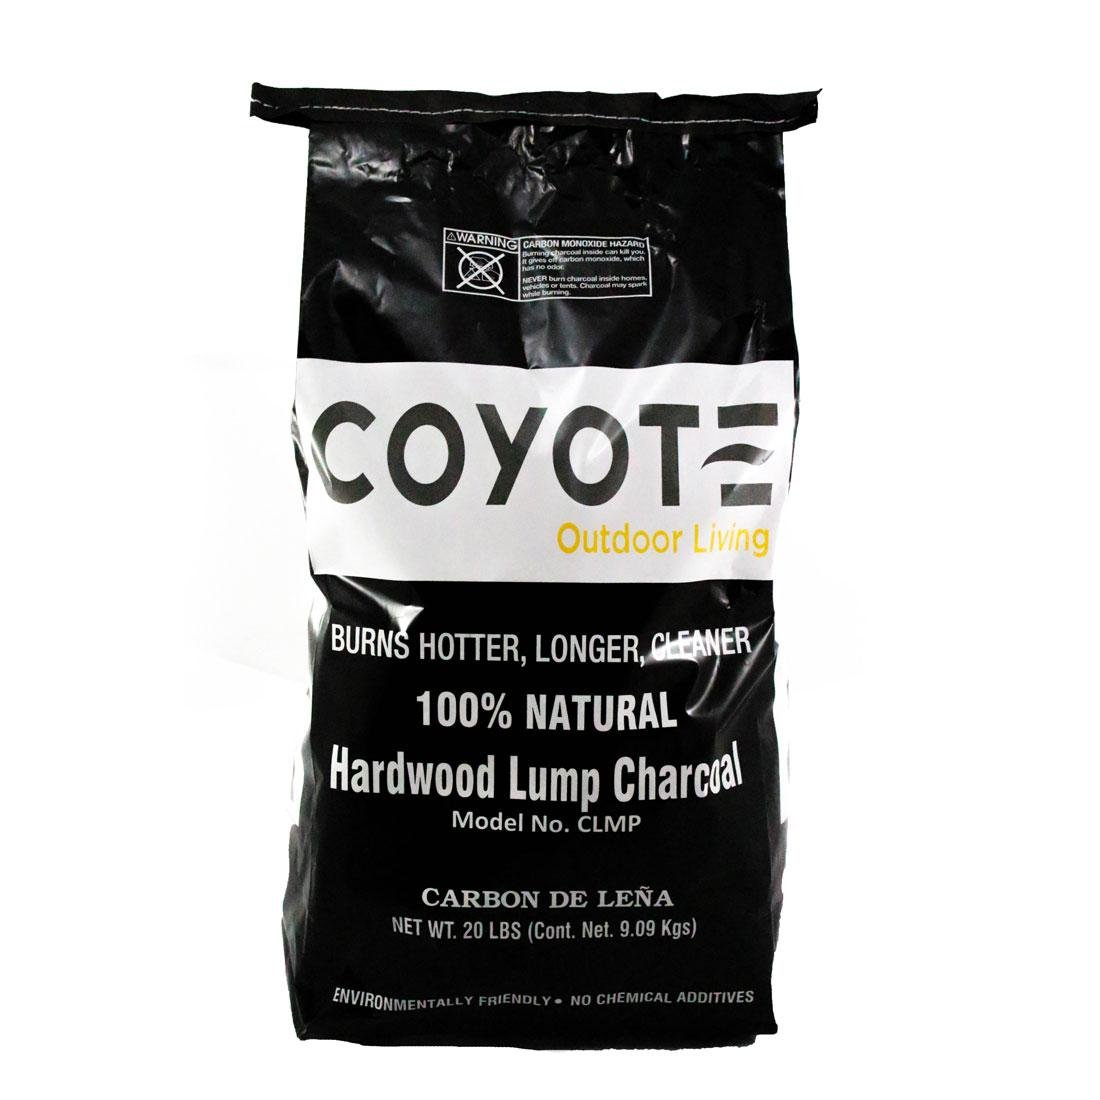 Coyote CLMP All natural lump charcoal - 20 lb bag (M-70)